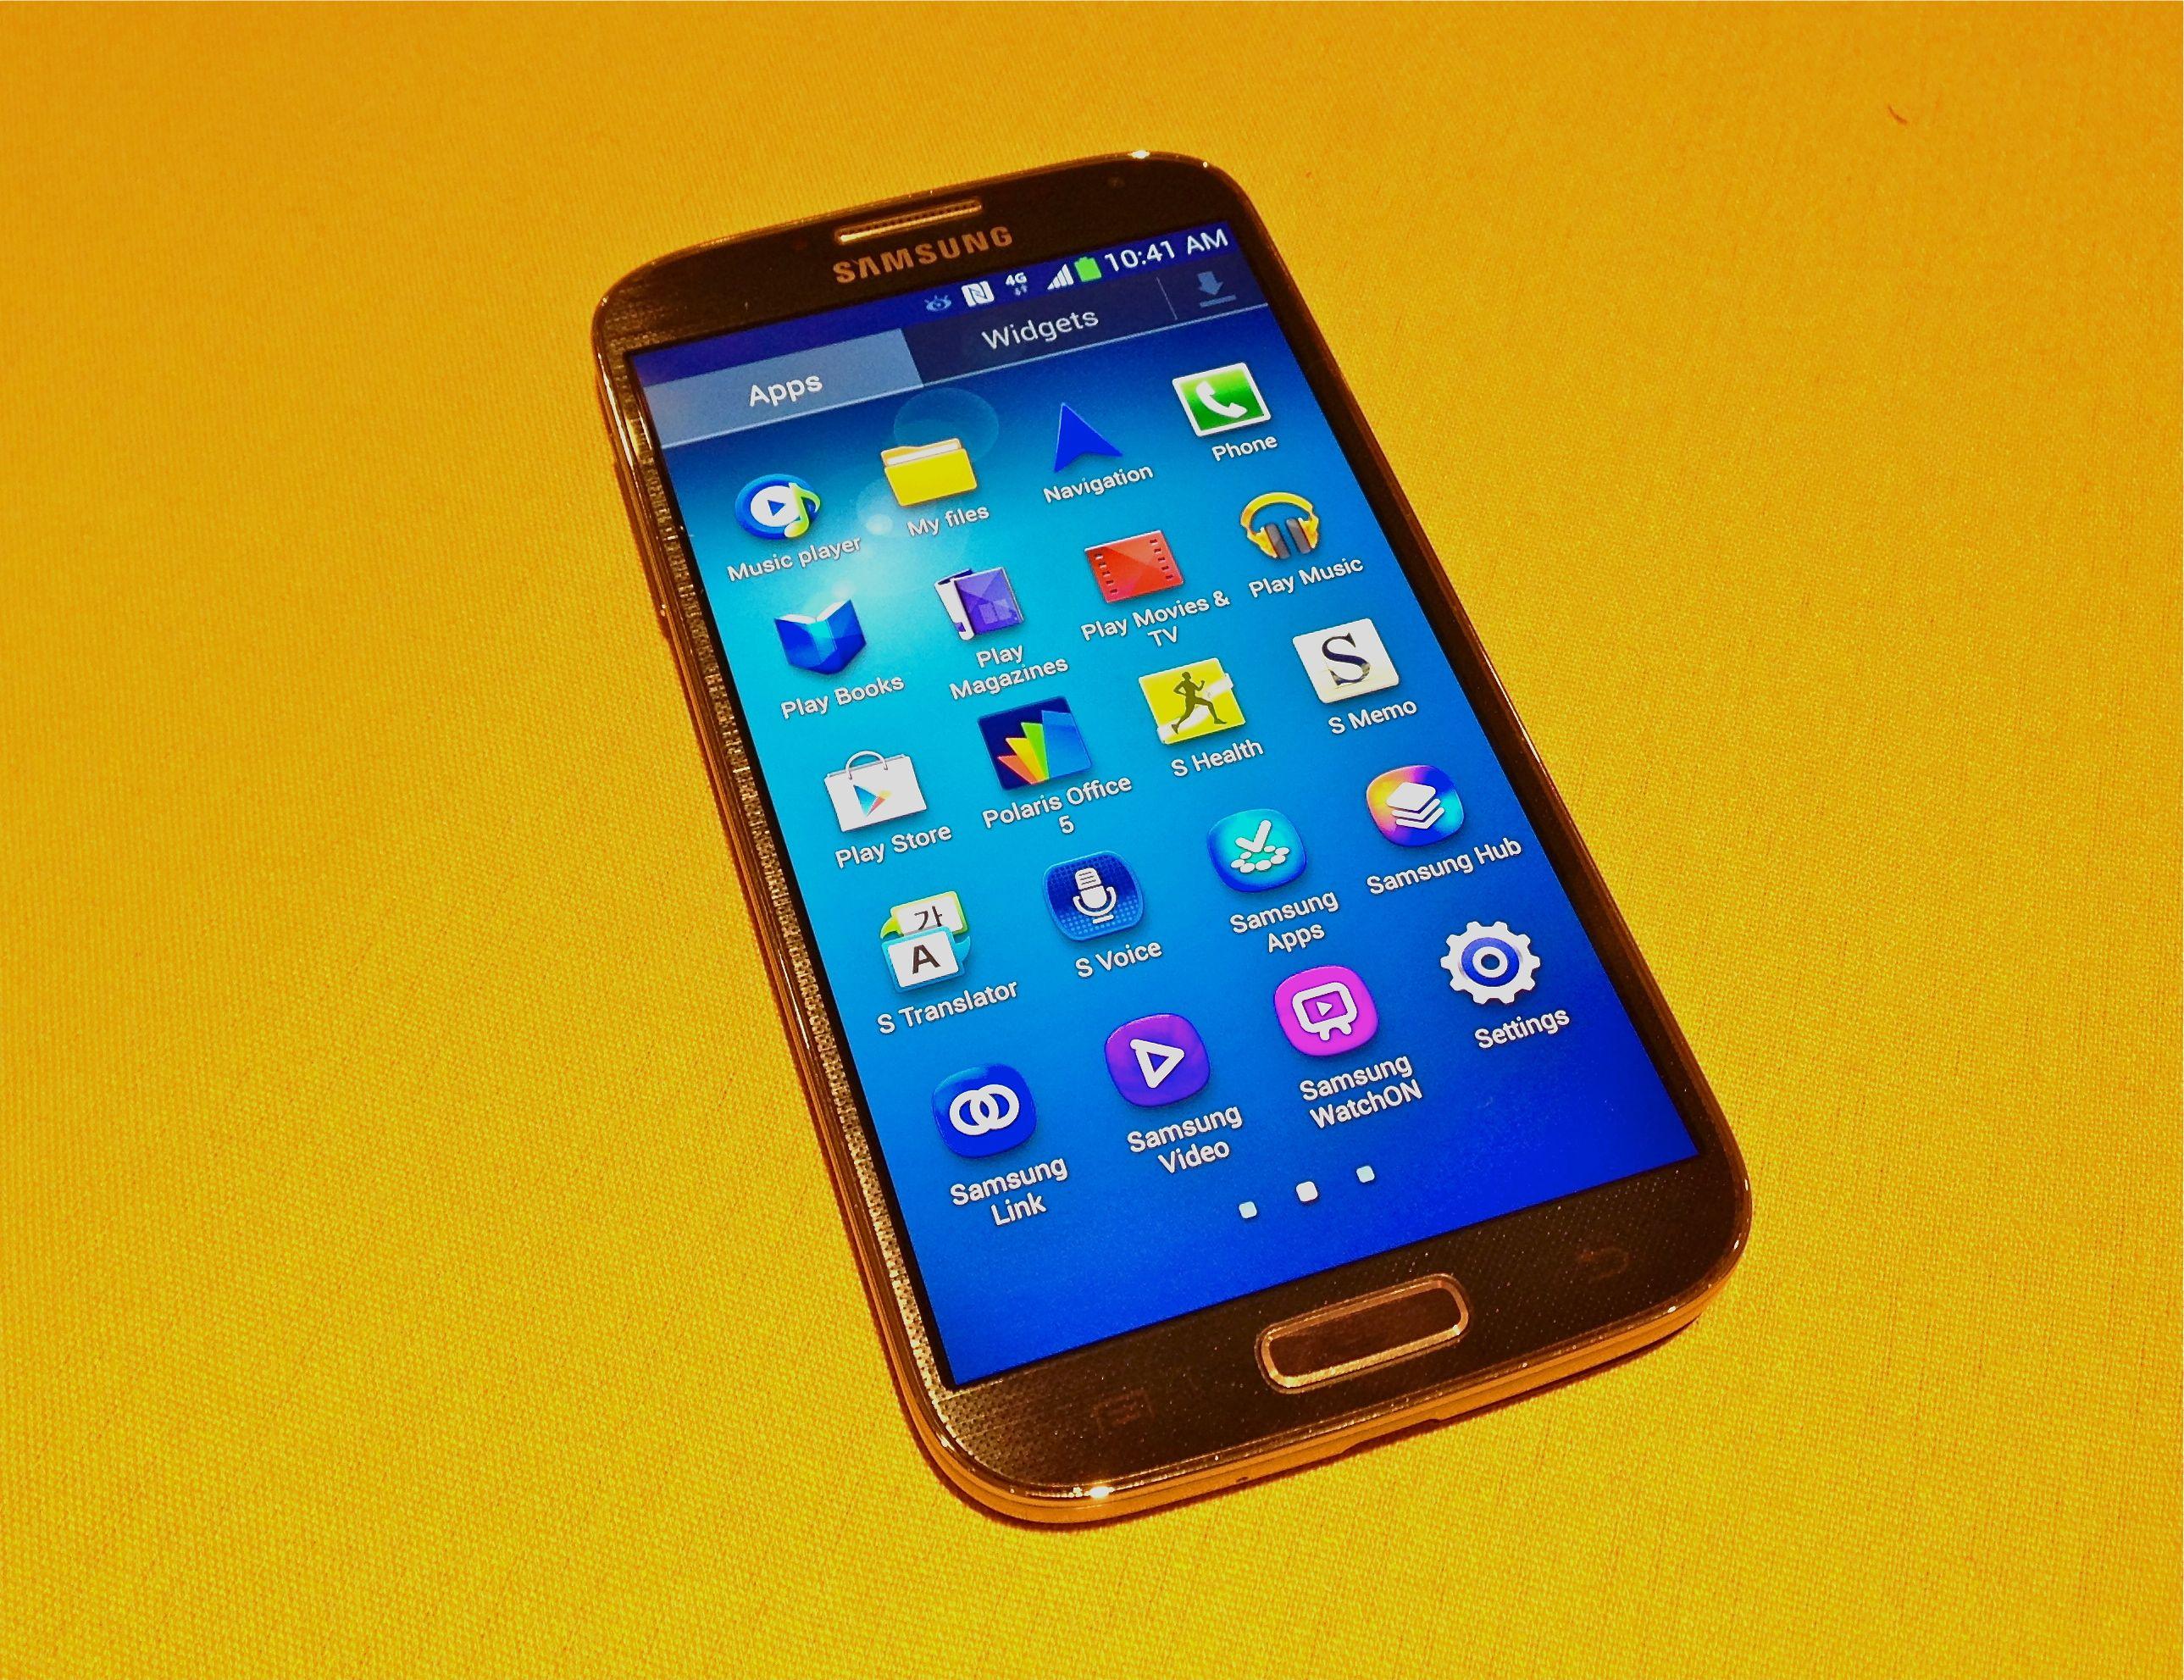 Disponibile il nuovo aggiornamento Vodafone I9505XXUAME2 per Galaxy S4